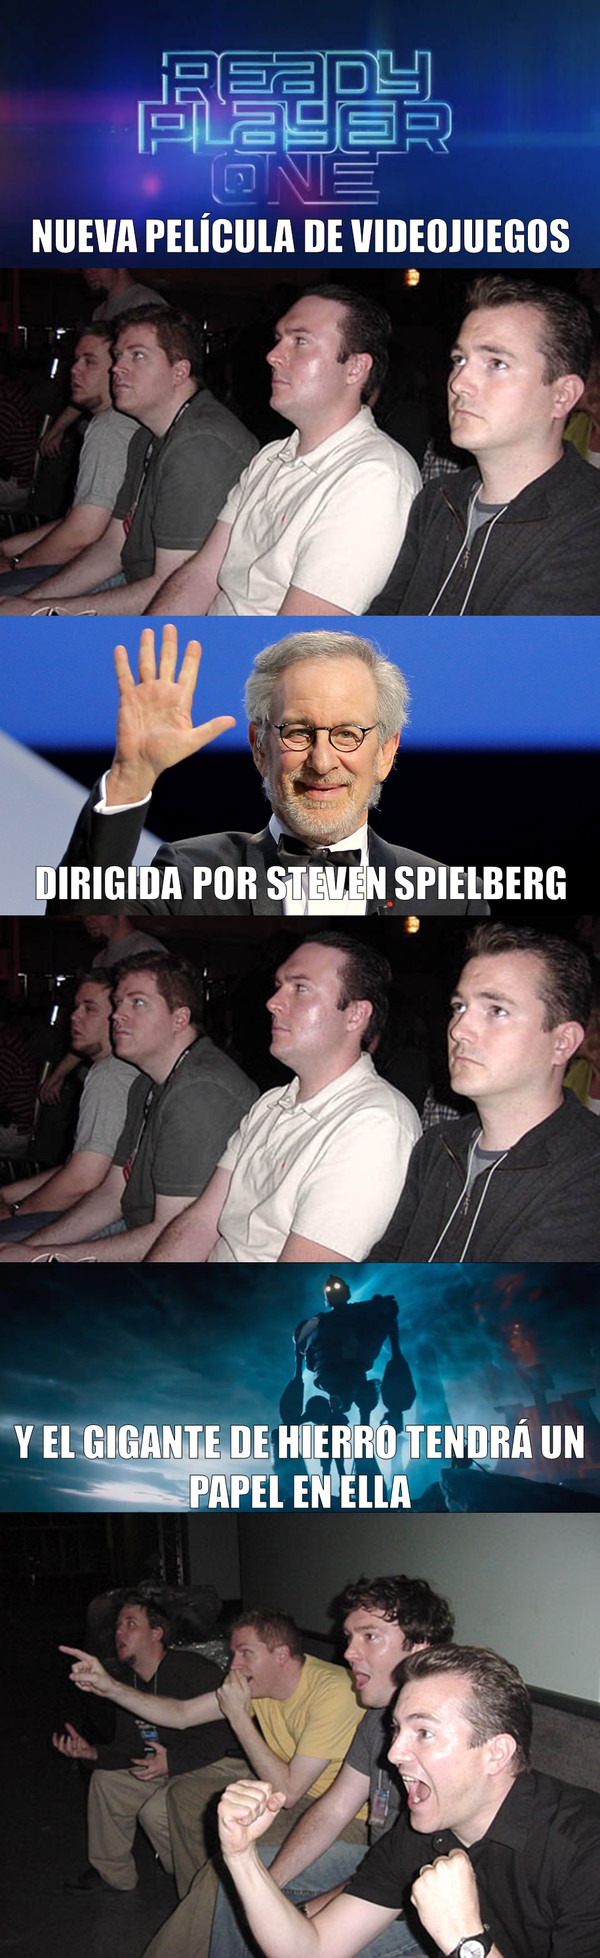 Meme_otros - Se ve interesante el nuevo proyecto de Spielberg